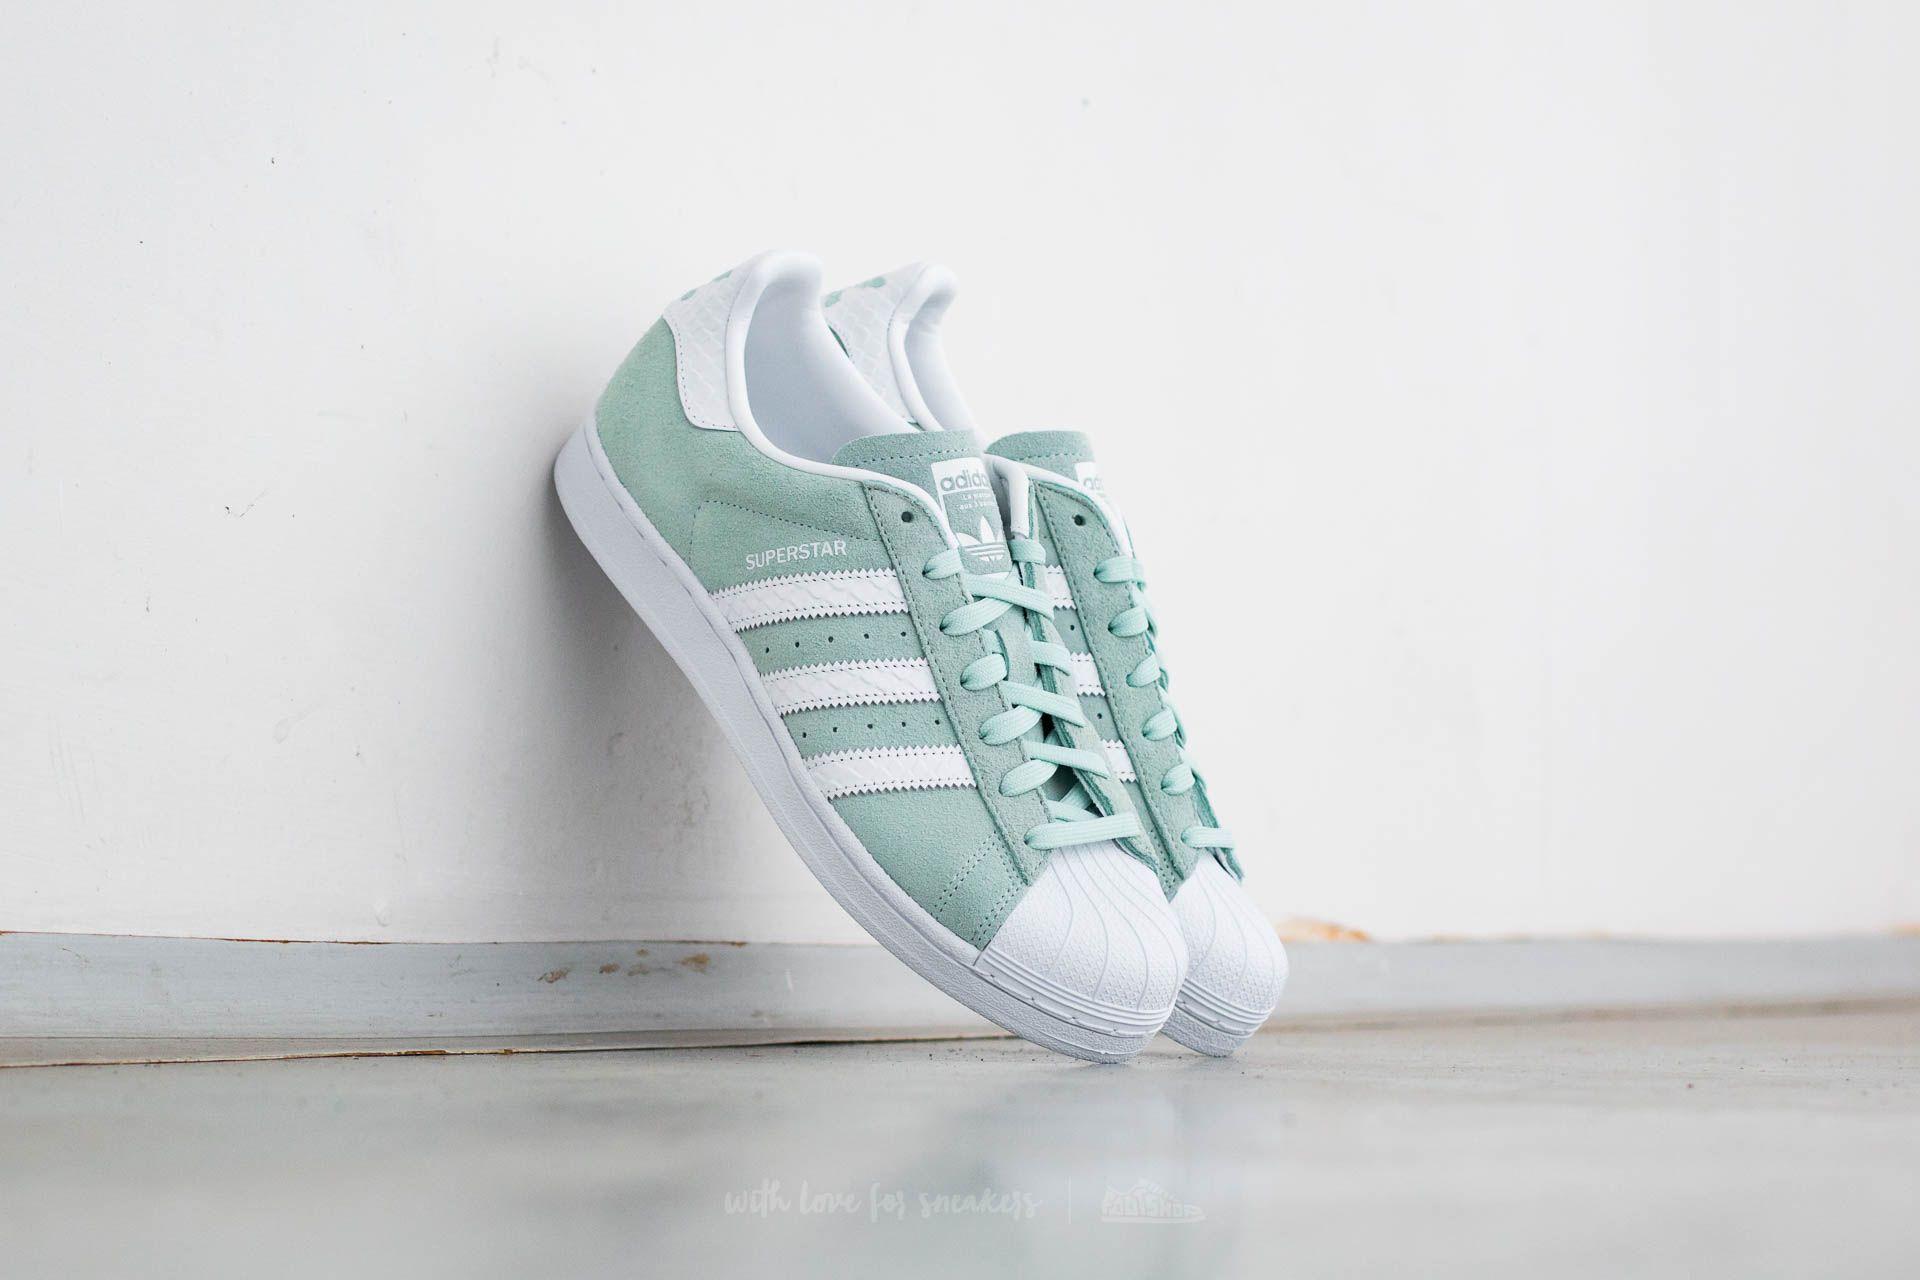 adidas Superstar W Ice Mint/ Ftw White/ Ftw White | Footshop